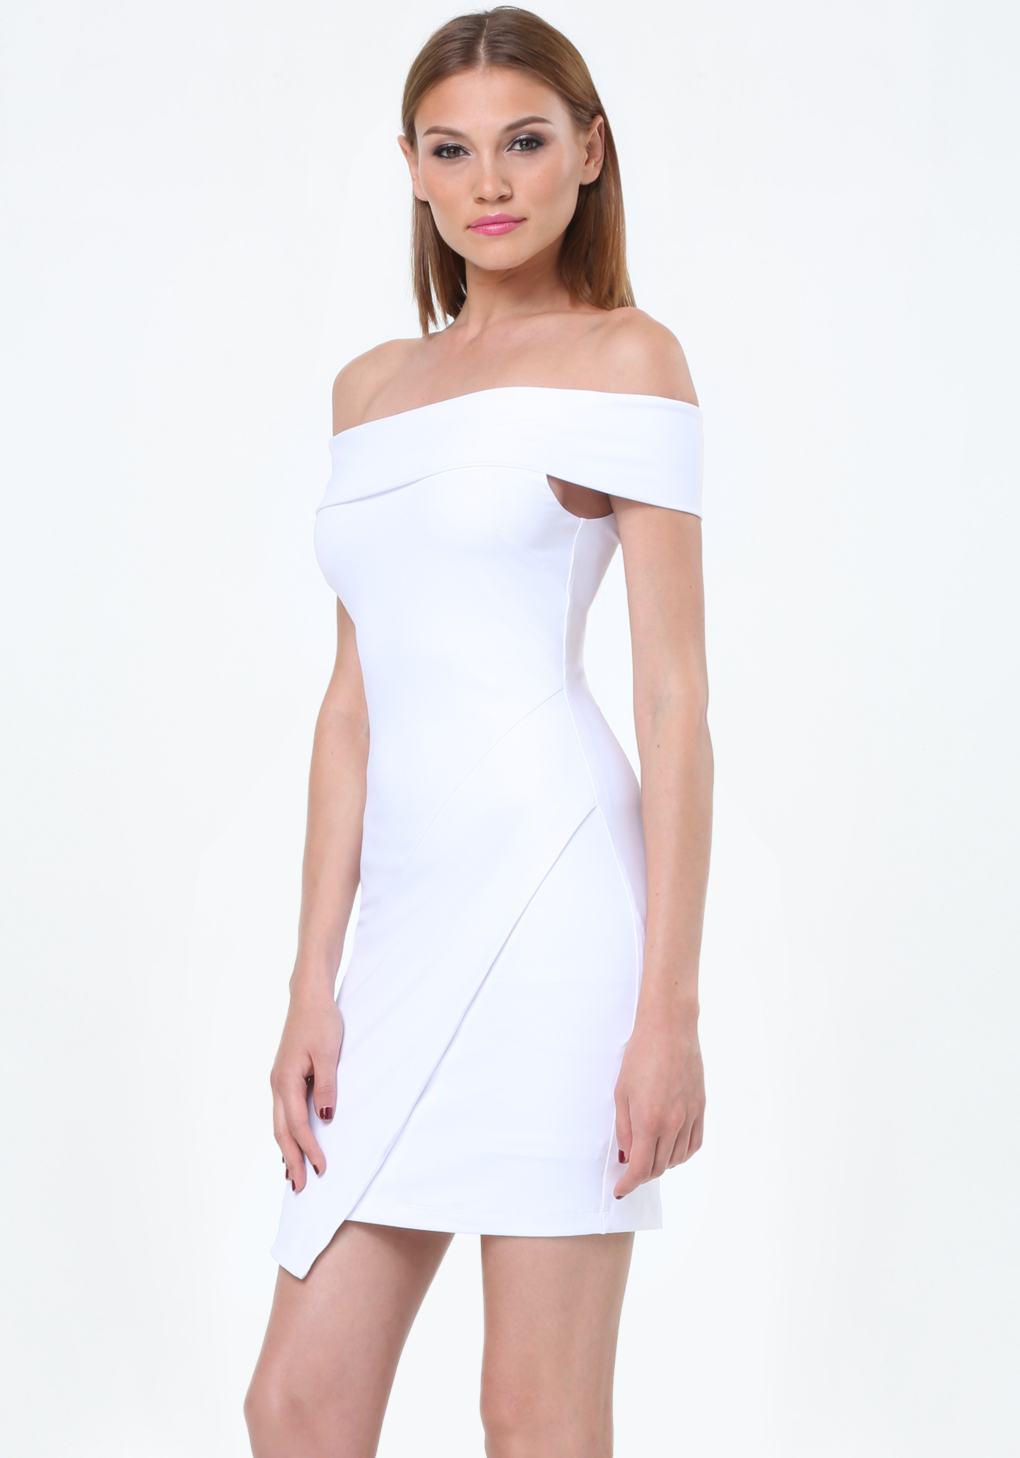 f88806d776c1 Lyst - Bebe Off Shoulder Dress in White